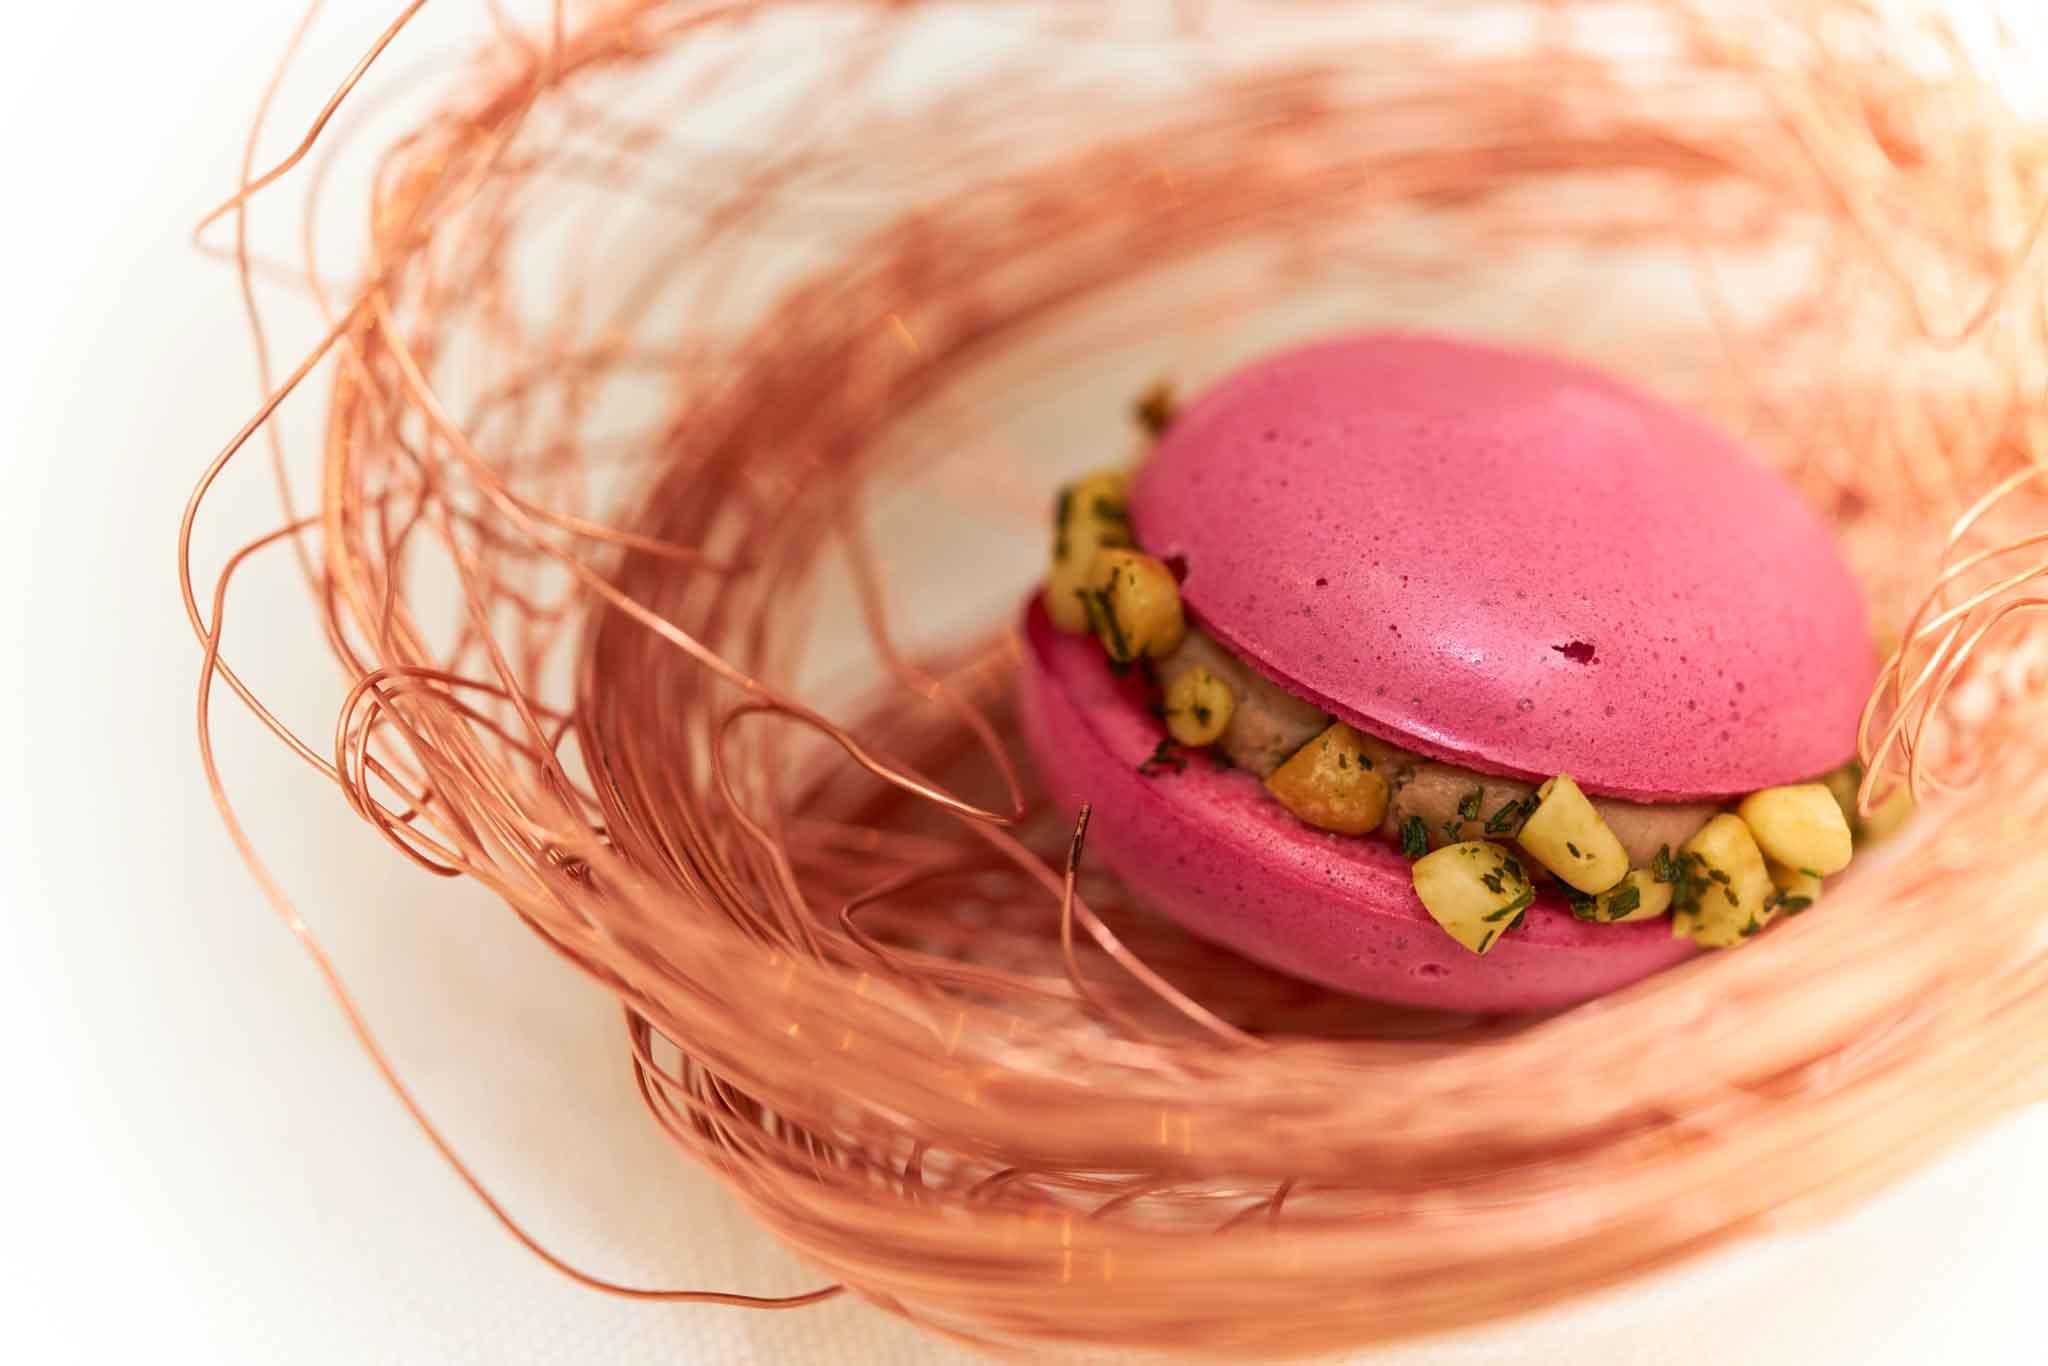 macaron-fegatini-anatra-convivio-troiani